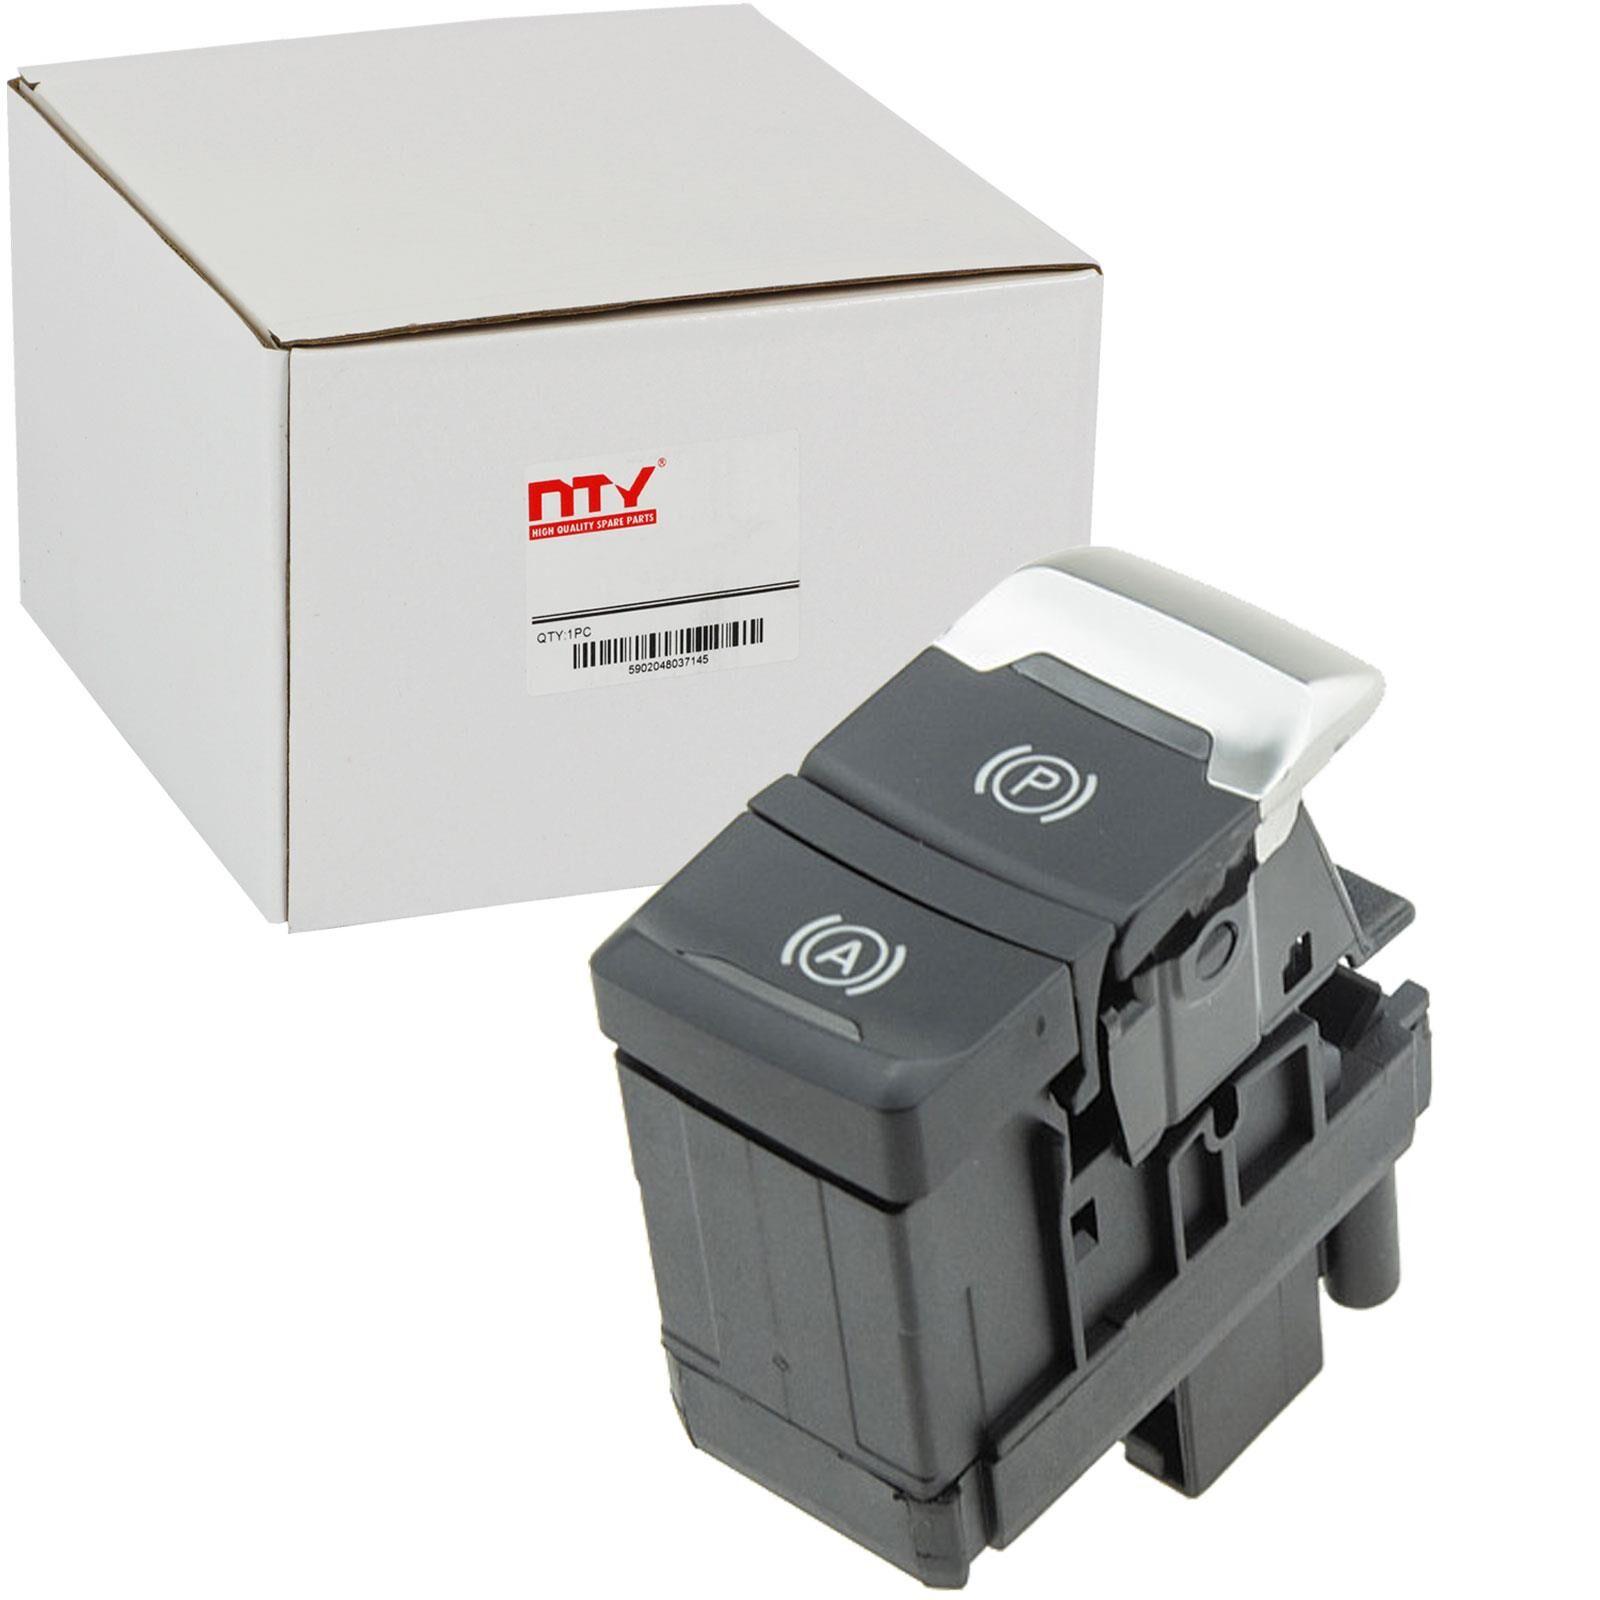 Hausmarke Handbremsschalter Schalter Taster Für Audi A4 B8 + Avant A5 8t Q5 8r Schalter Feststellbremsbetätigung: Audi: 8k1927225c Audi: 8k1927225d Audi: 8k1